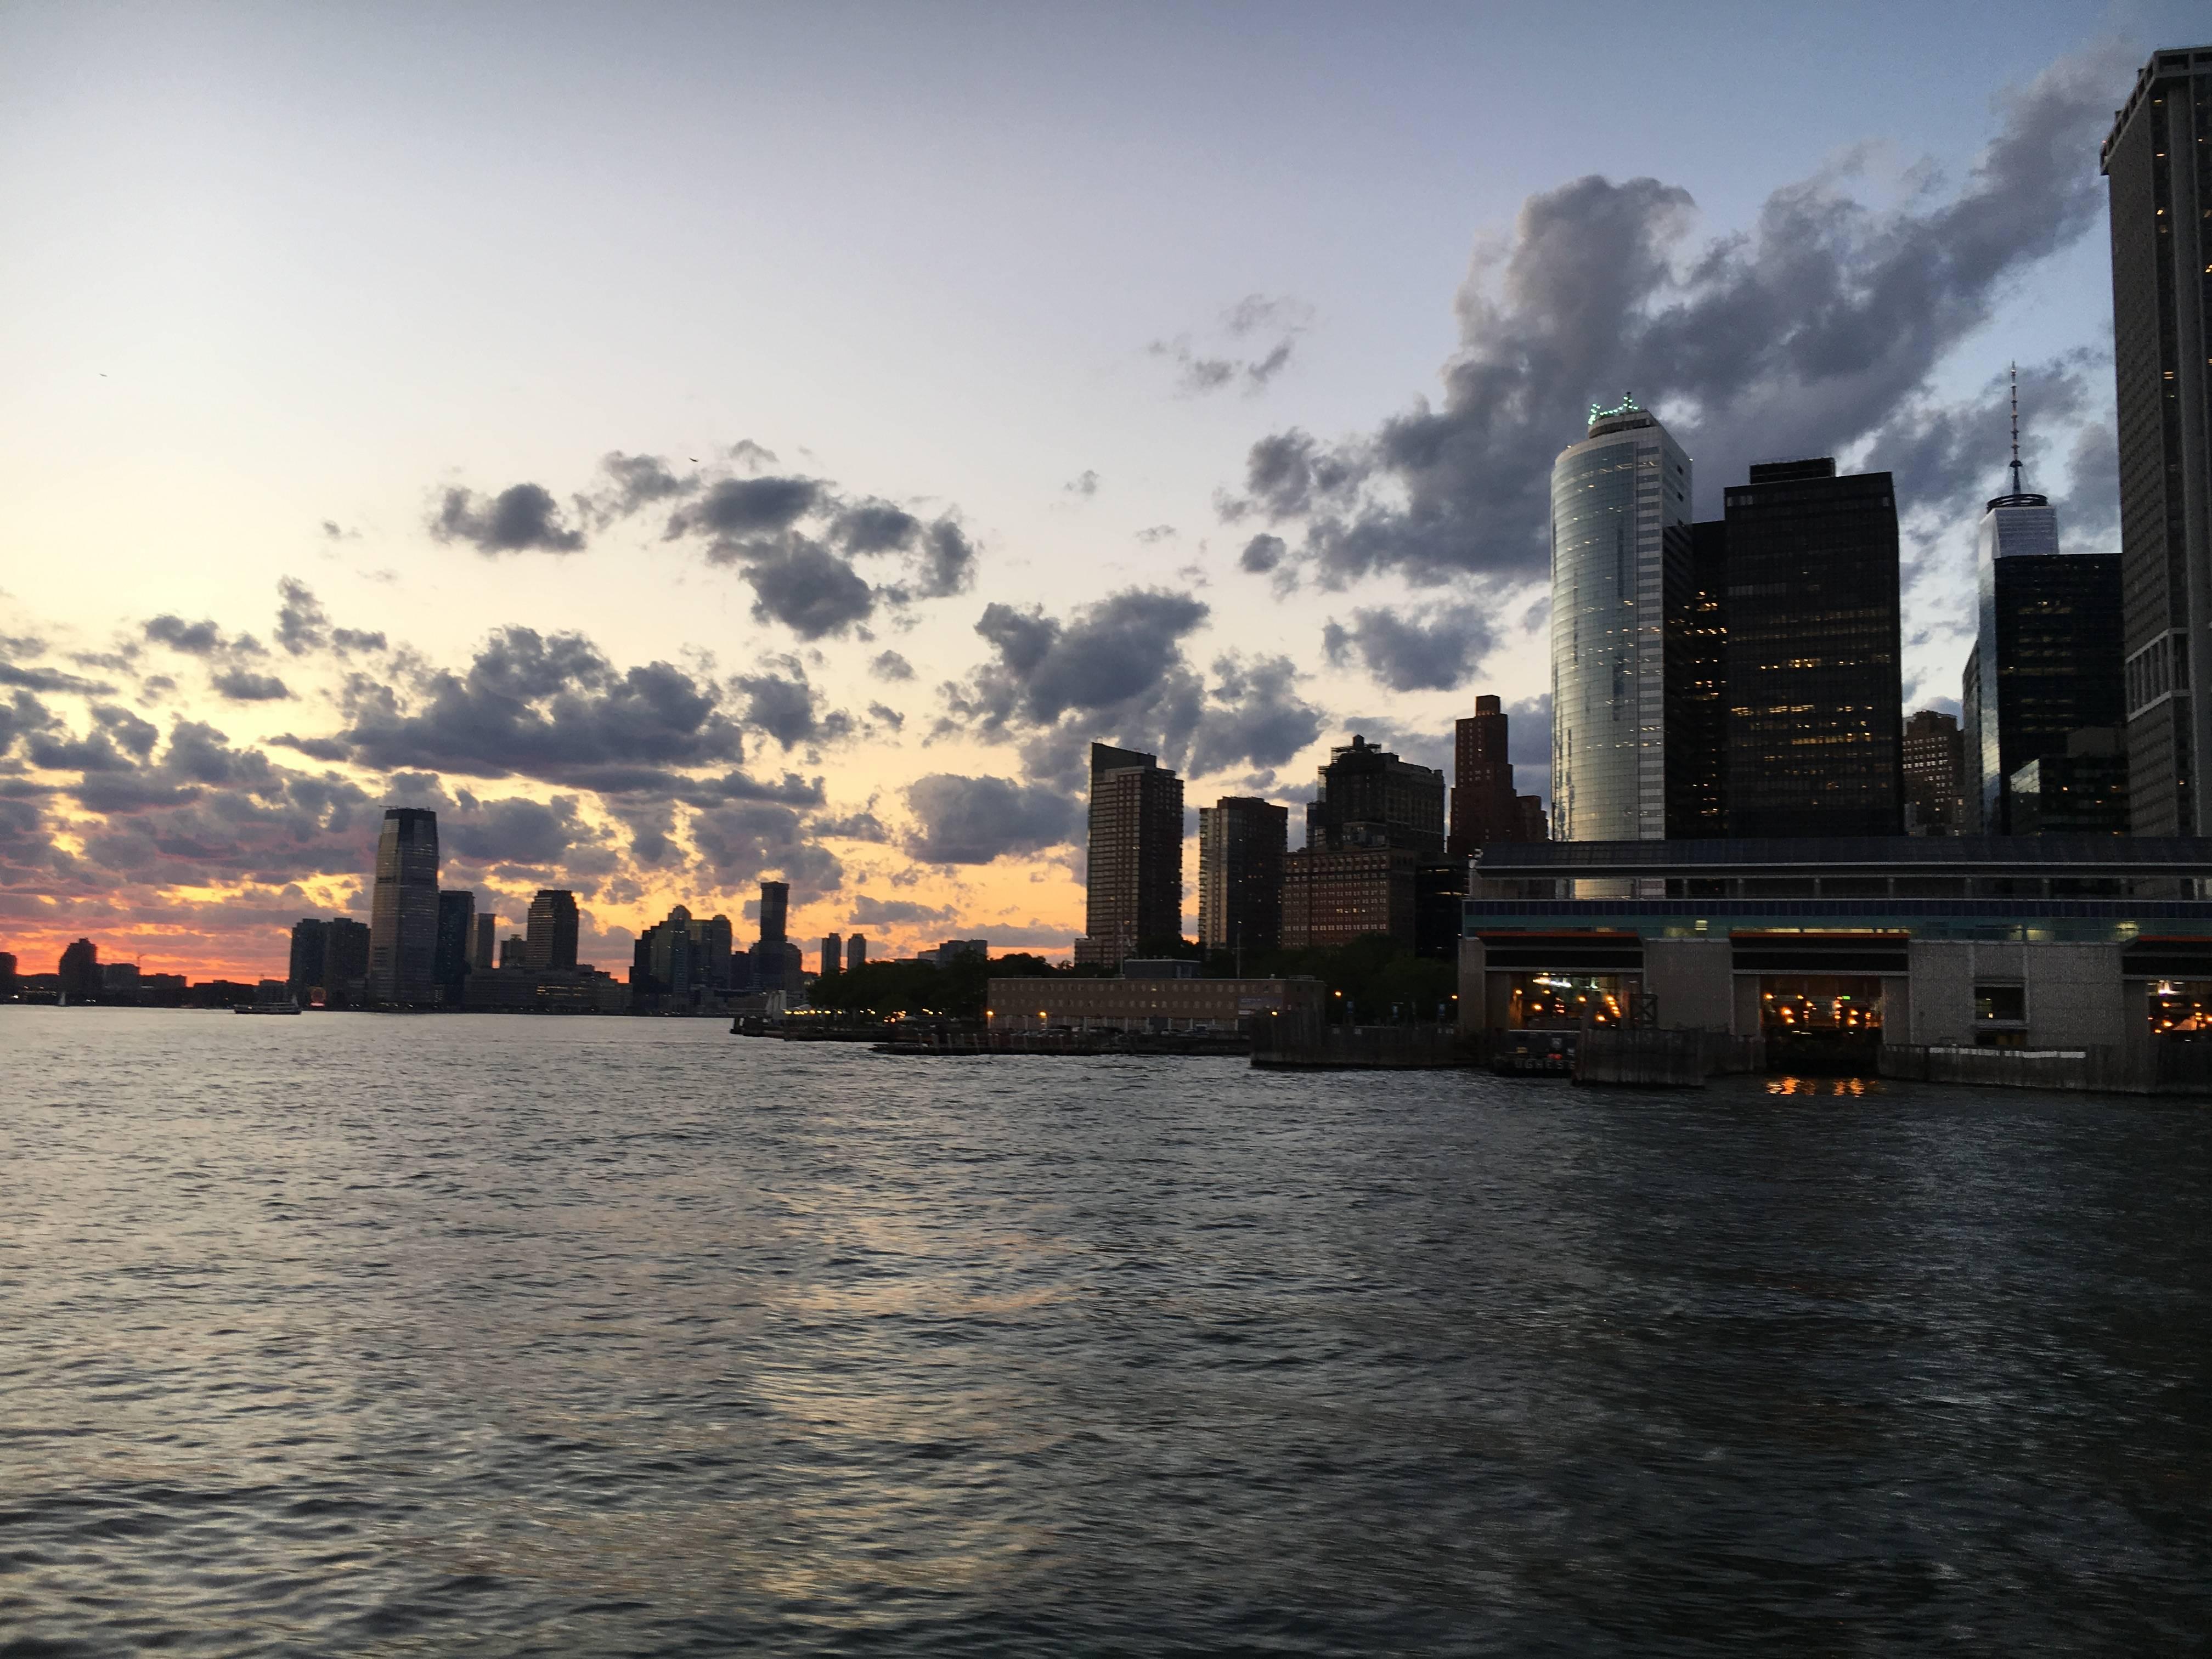 Photo 2: New York City vu de l'Hudson au coucher du soleil